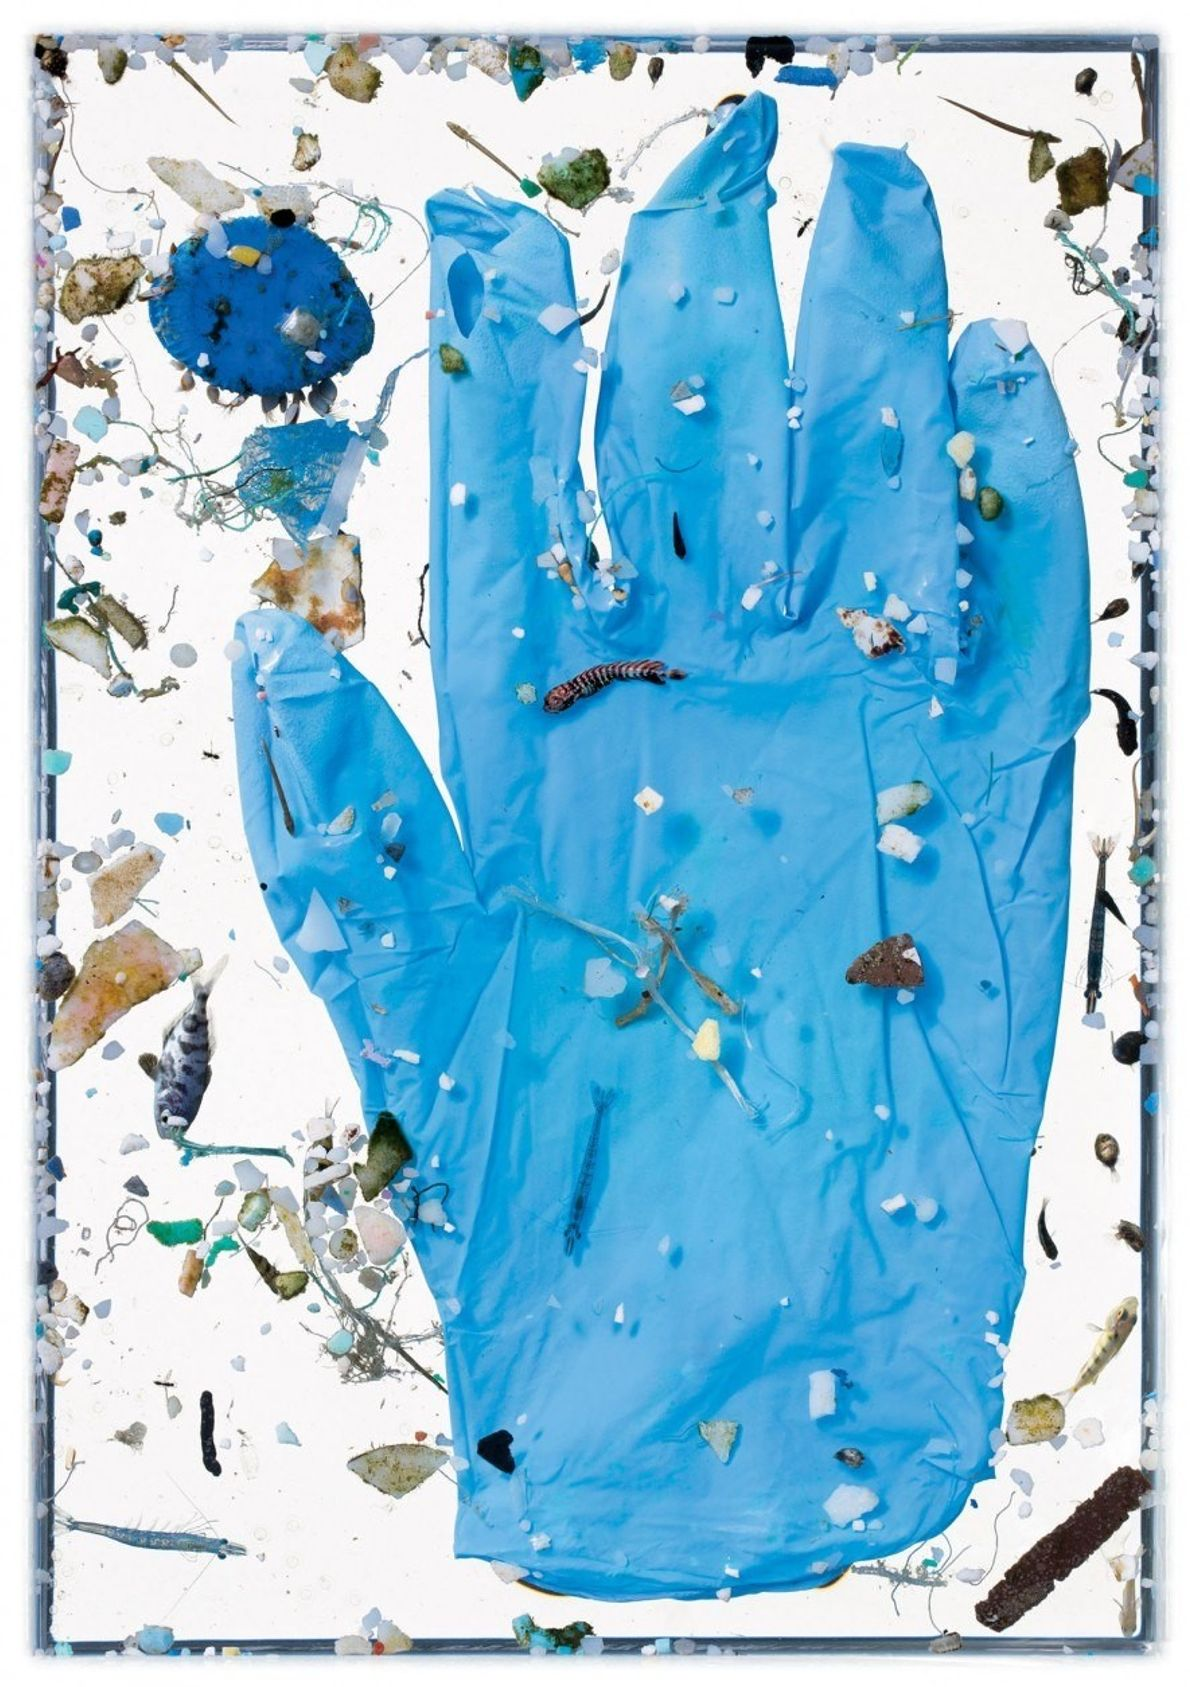 El guante azul no lleva tanto tiempo en el agua como para haber sufrido el destino ...